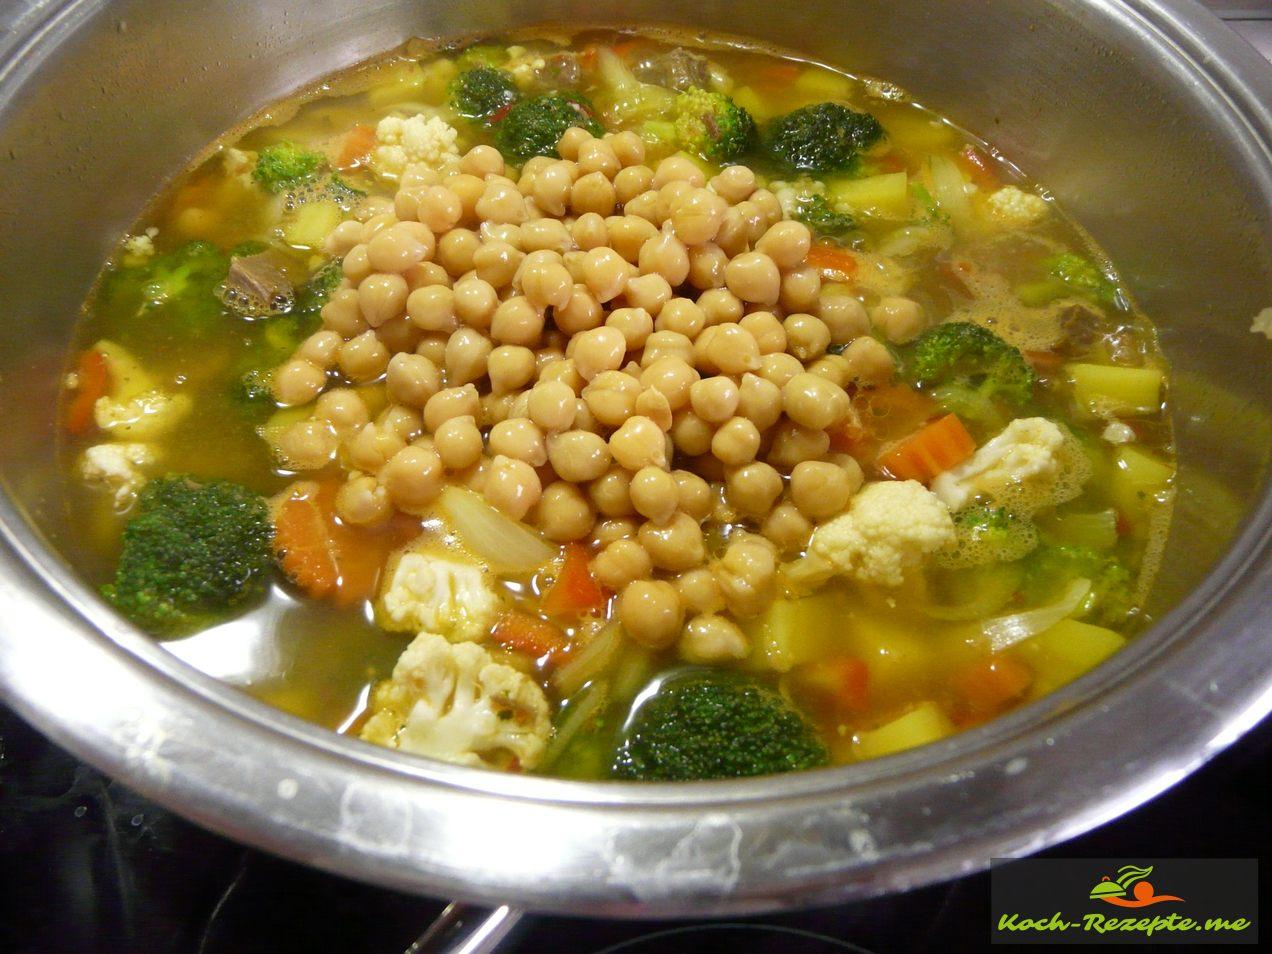 Kichererbsen in die Suppe geben und kurz erhitzen